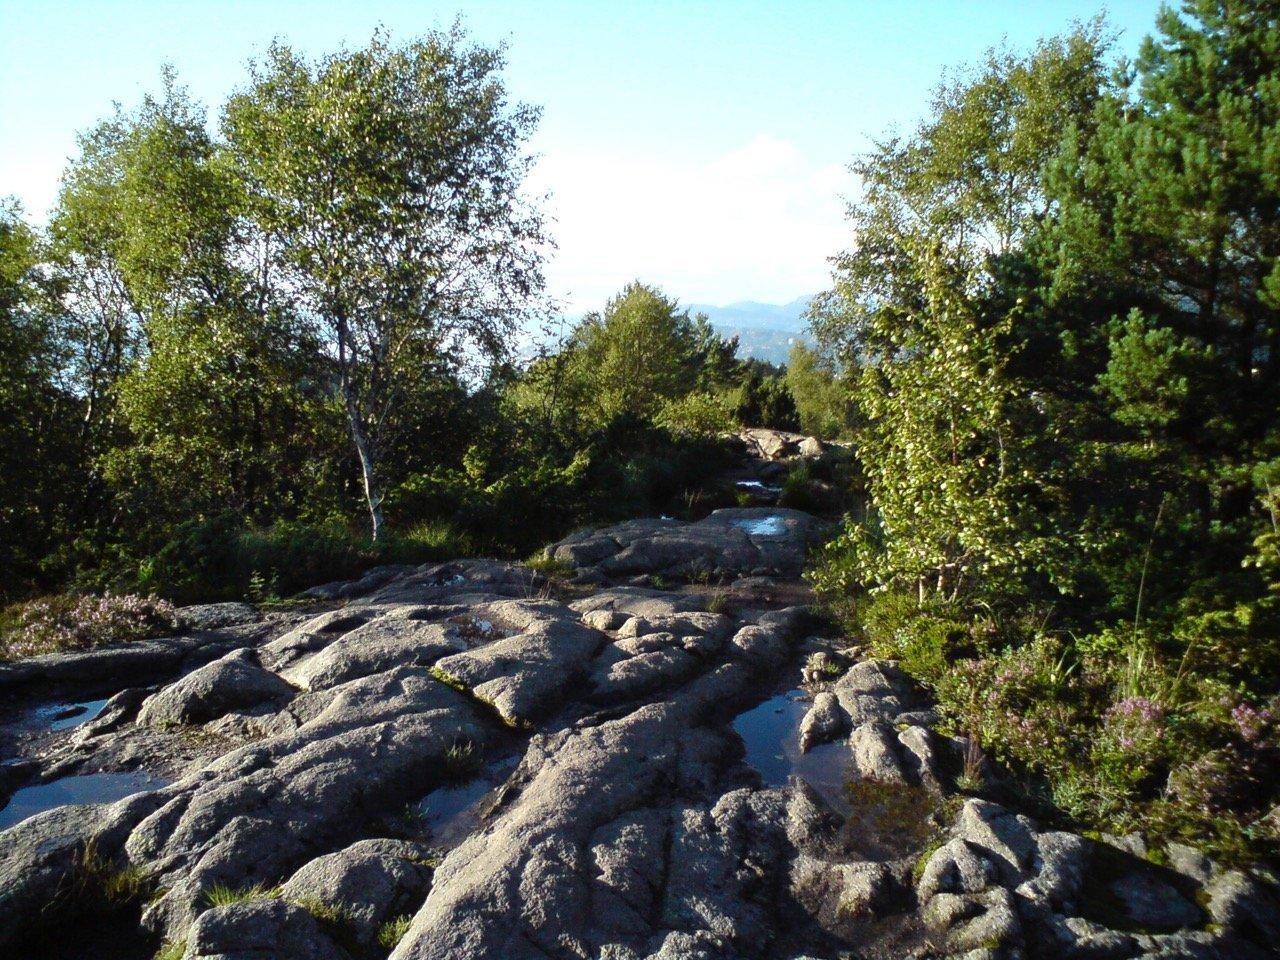 Løvstakken hiking